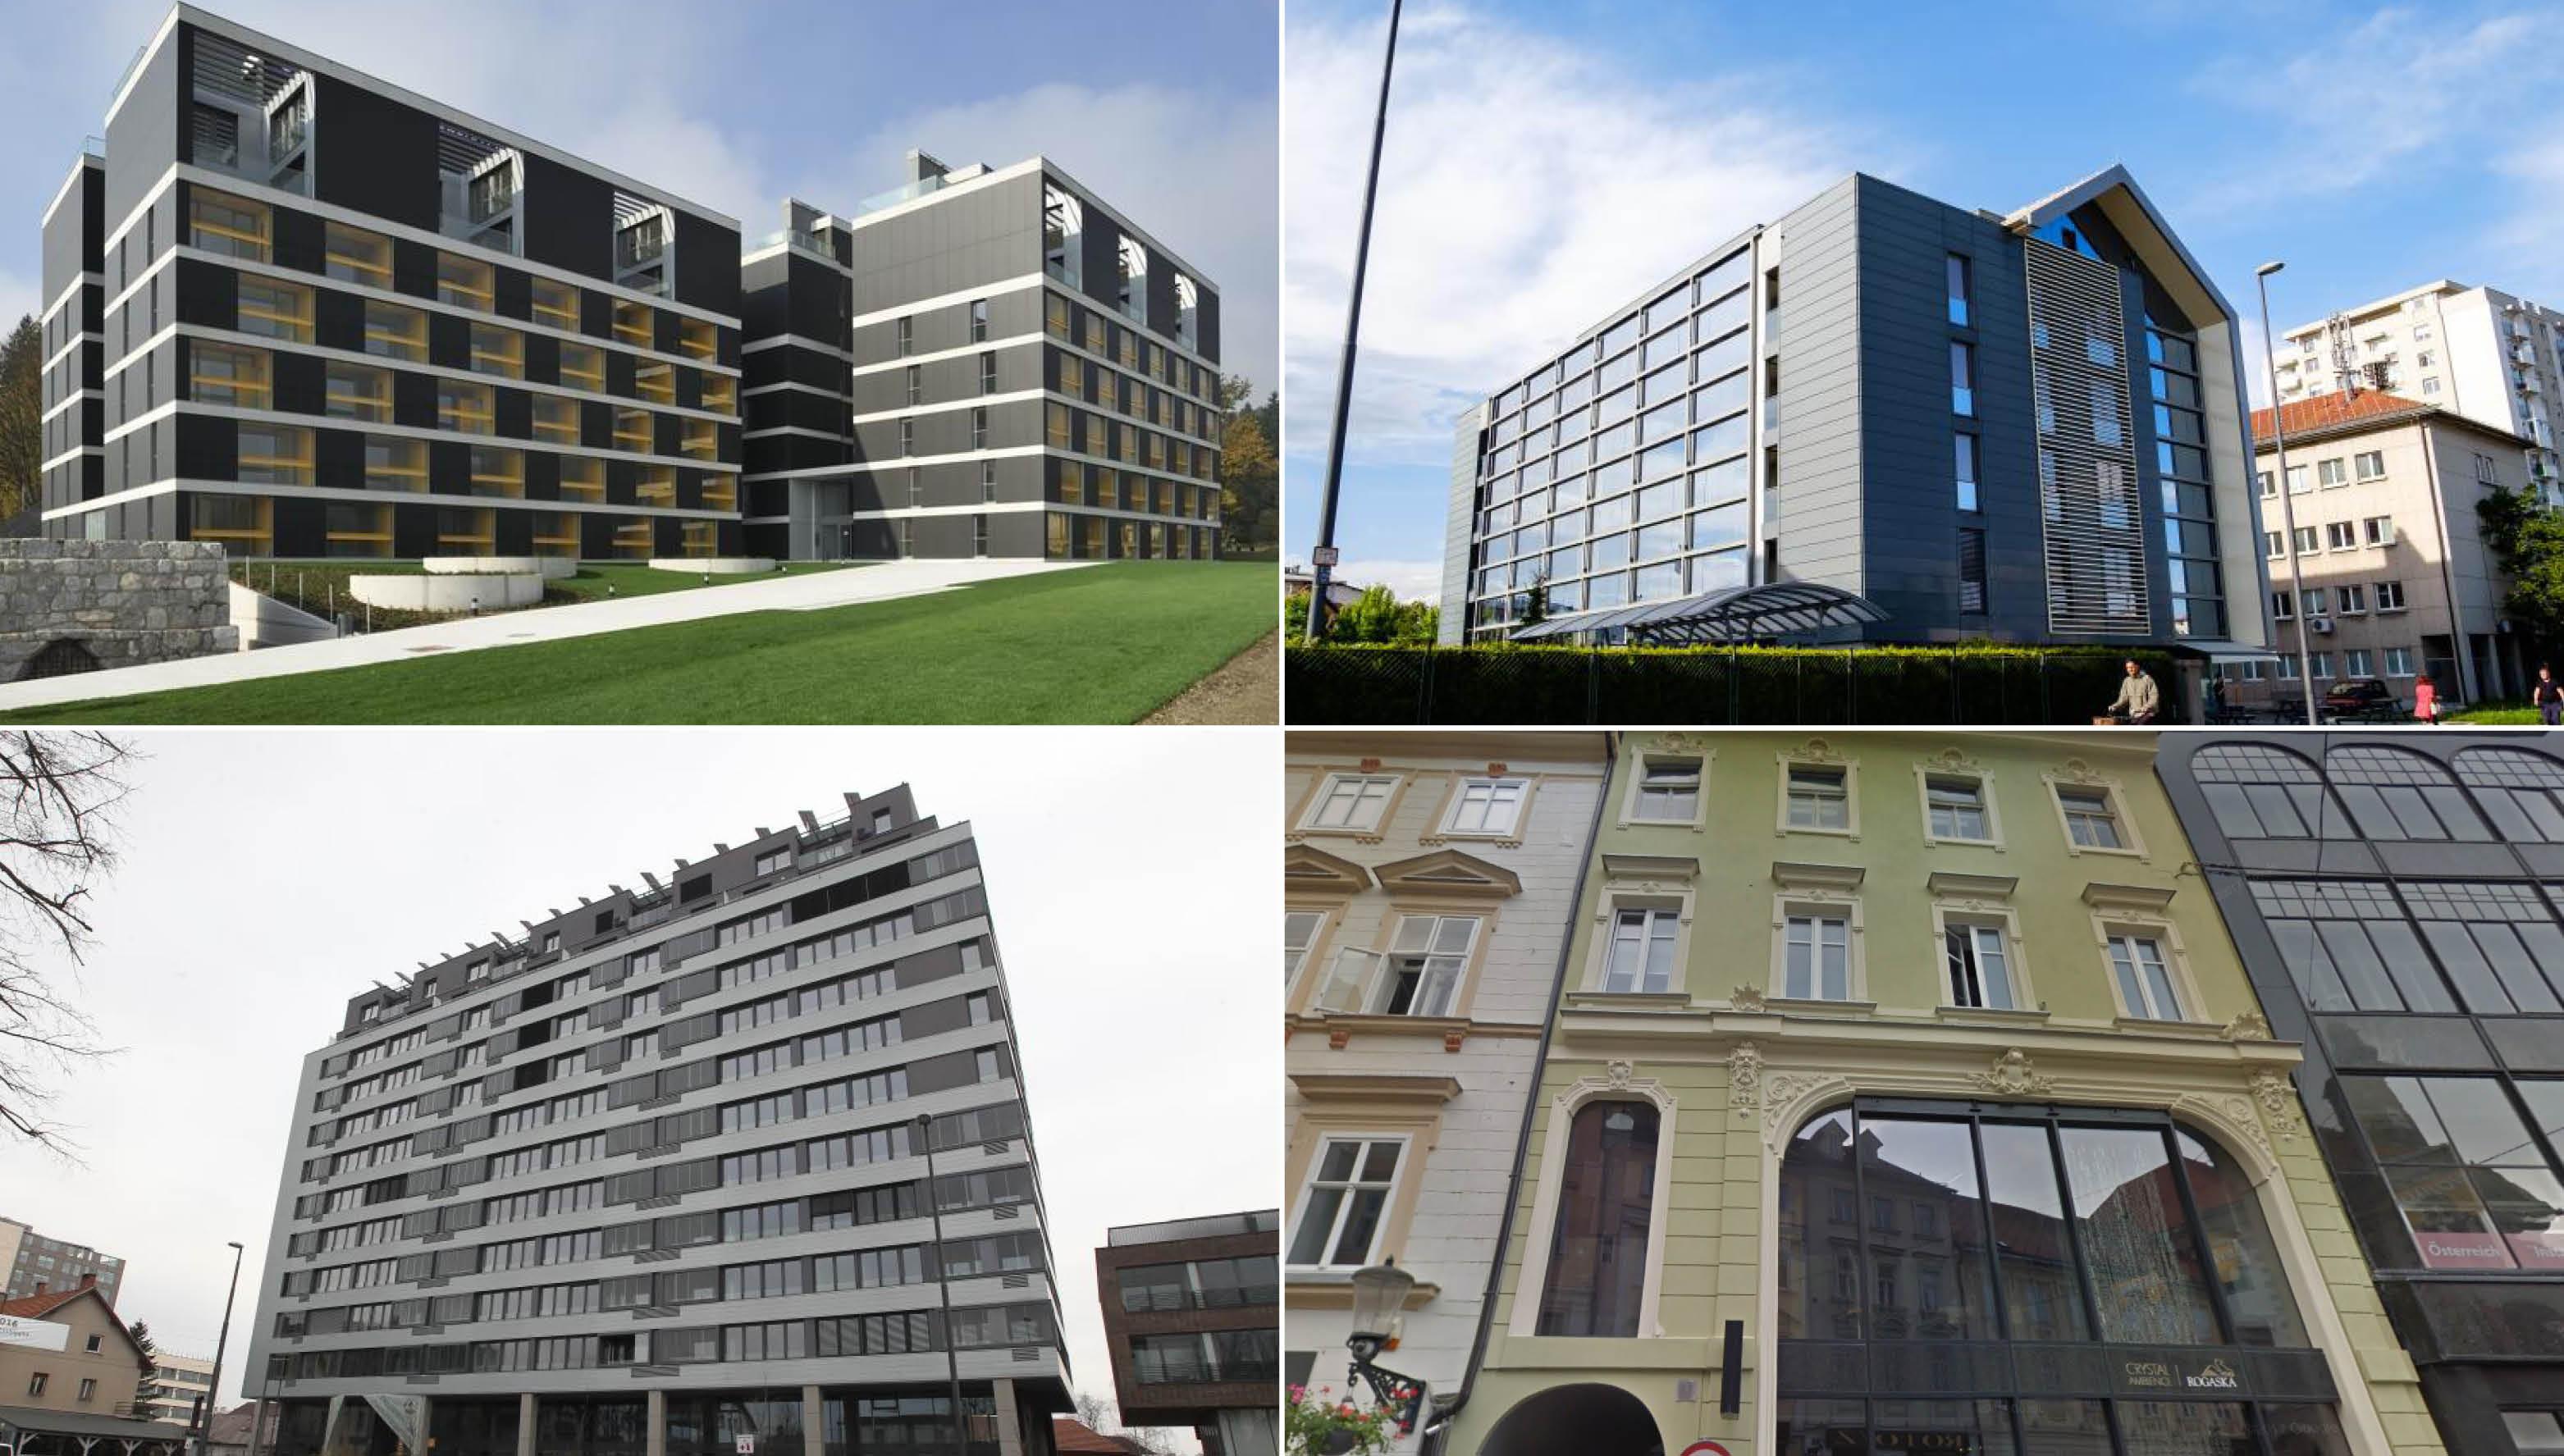 18 stanovanj v Ljubljani, ki jih boste lahko maja kupili na dražbah